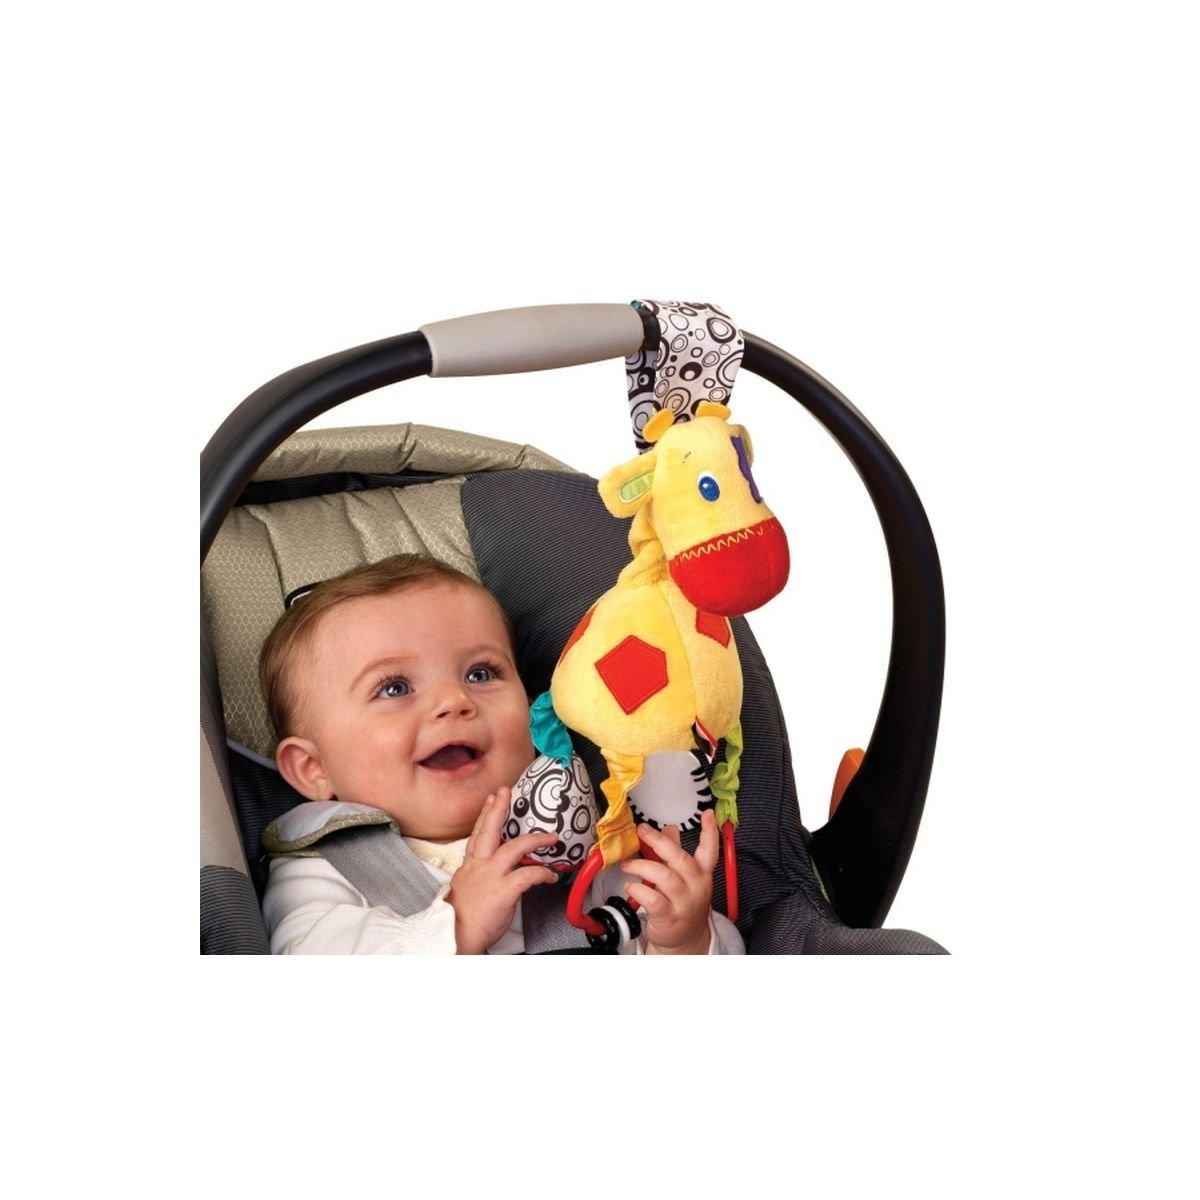 Купить Подвески, дуги, Подвеска Bright Starts Мягкий жираф 8976 ТМ: Bright Starts